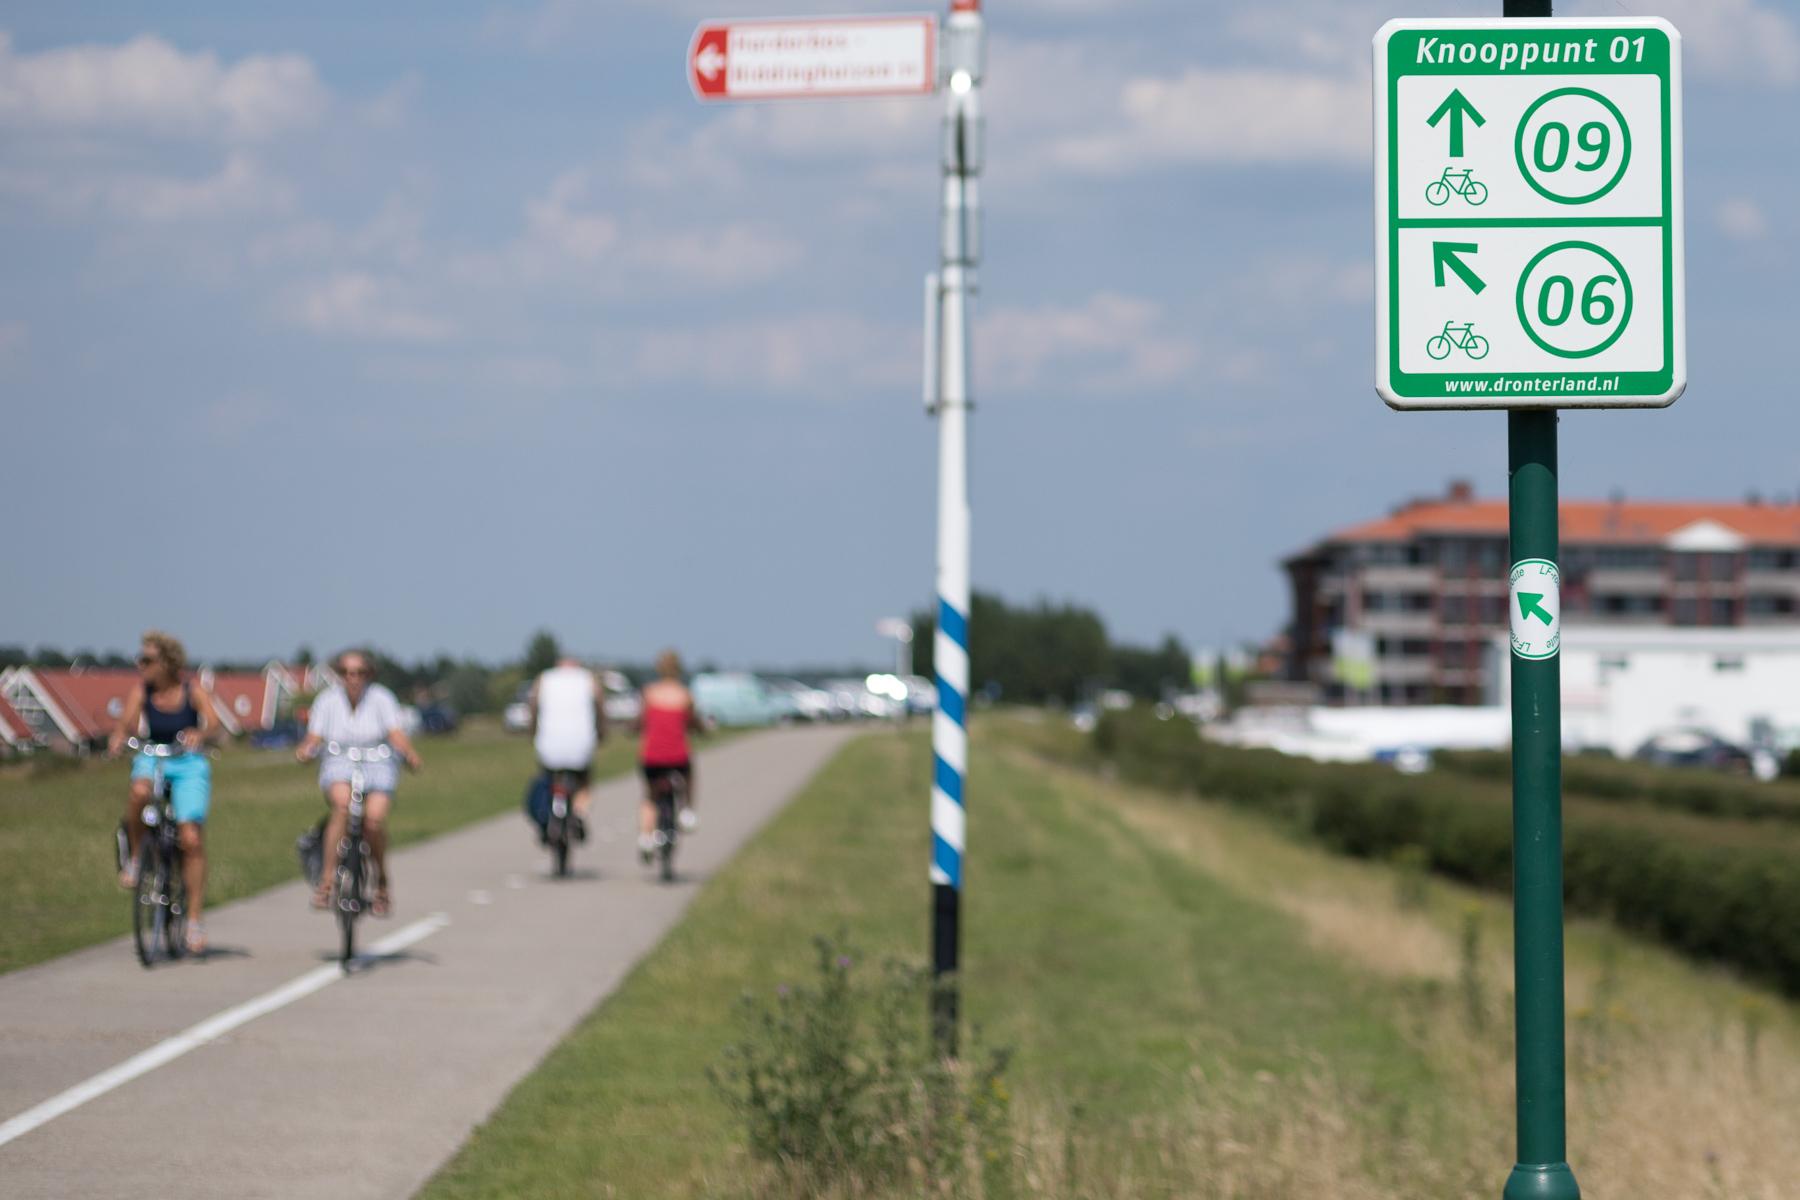 Nieuwe recreatie- en fietsroutekaart Dronten